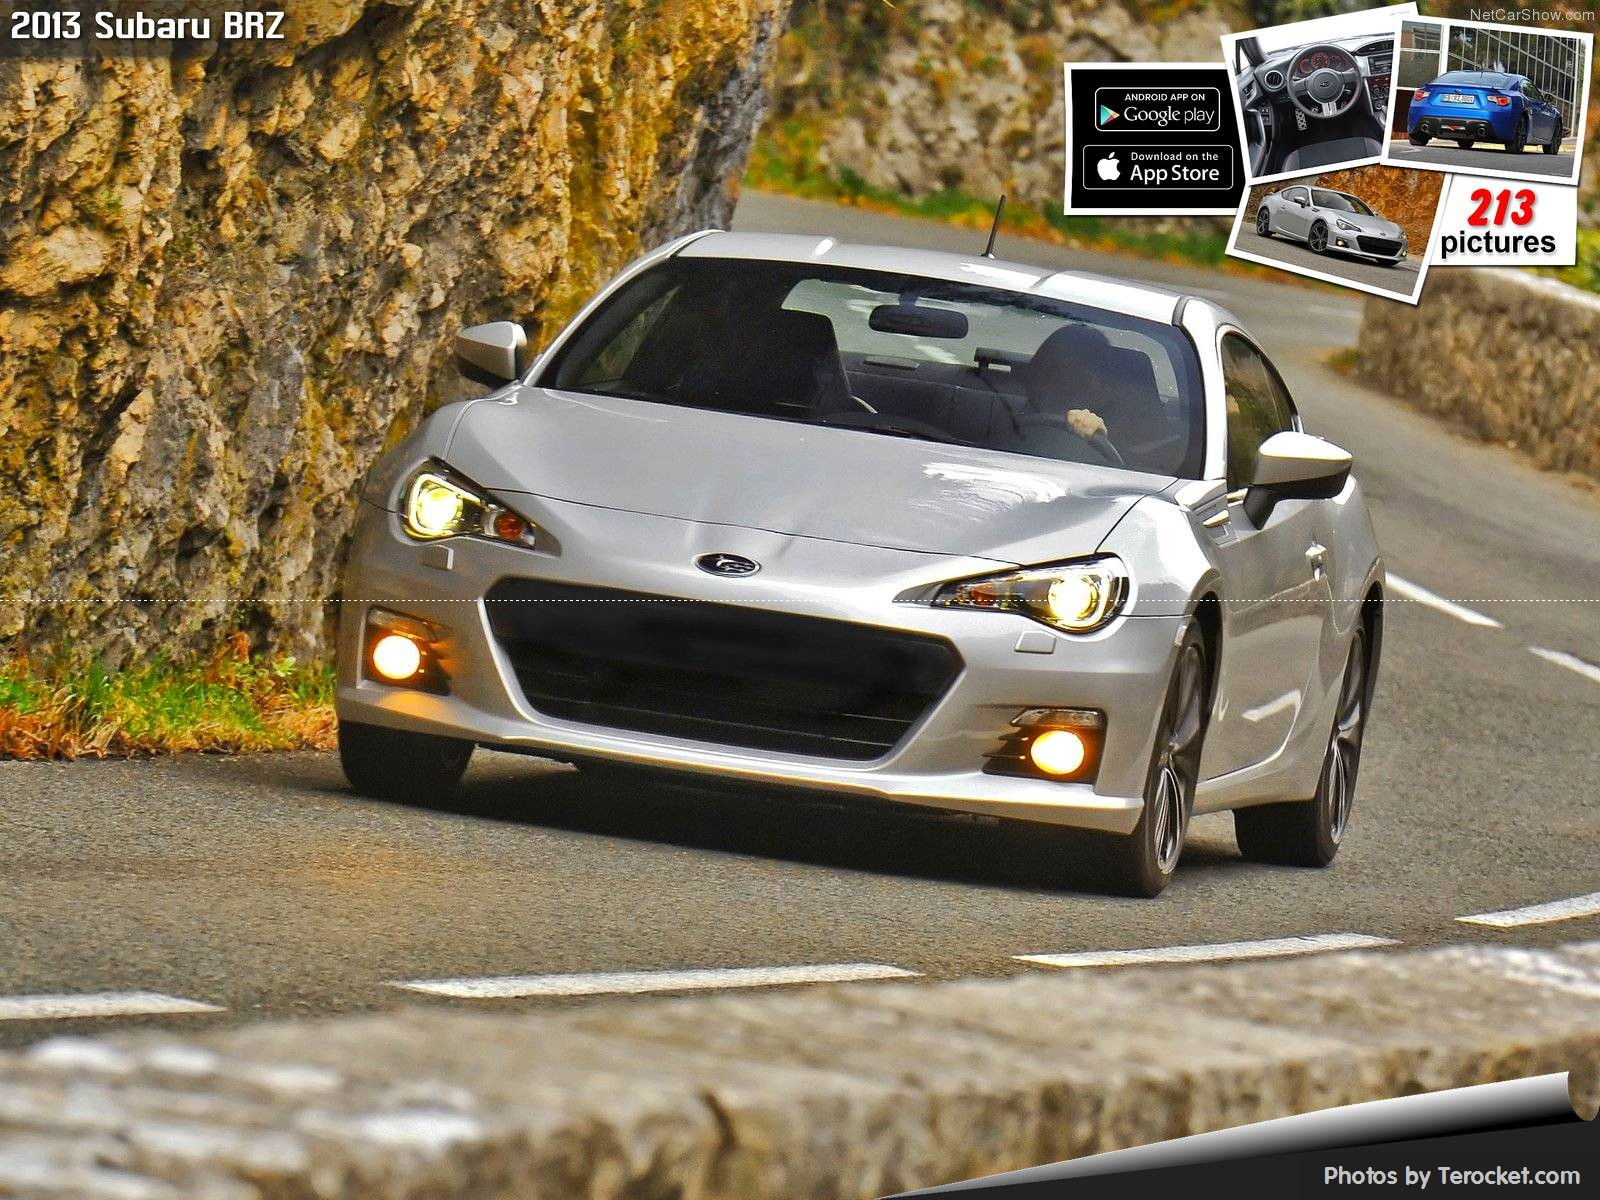 Hình ảnh xe ô tô Subaru BRZ 2013 & nội ngoại thất